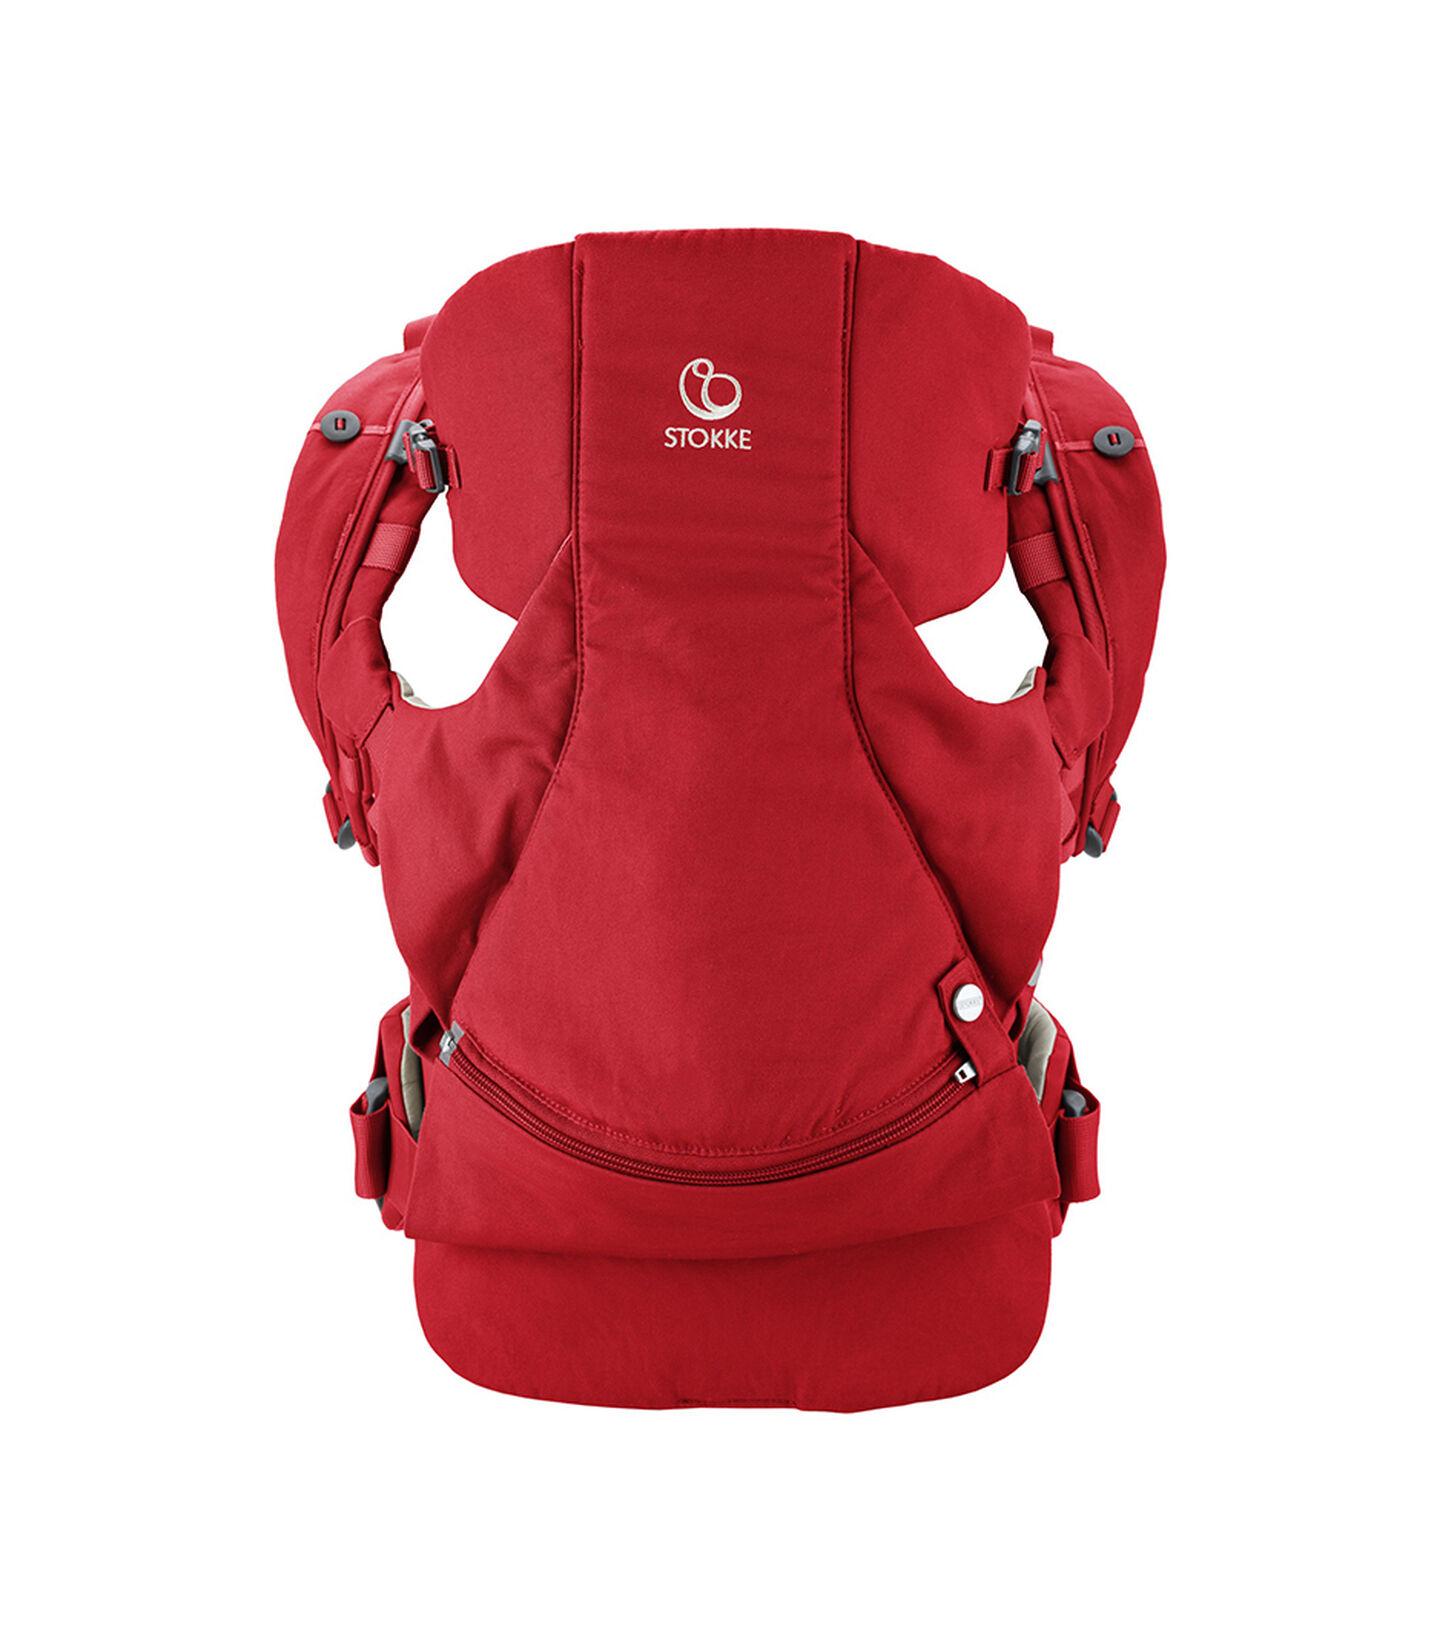 Stokke® MyCarrier™ Mochila frontal Rojo, Rojo, mainview view 2